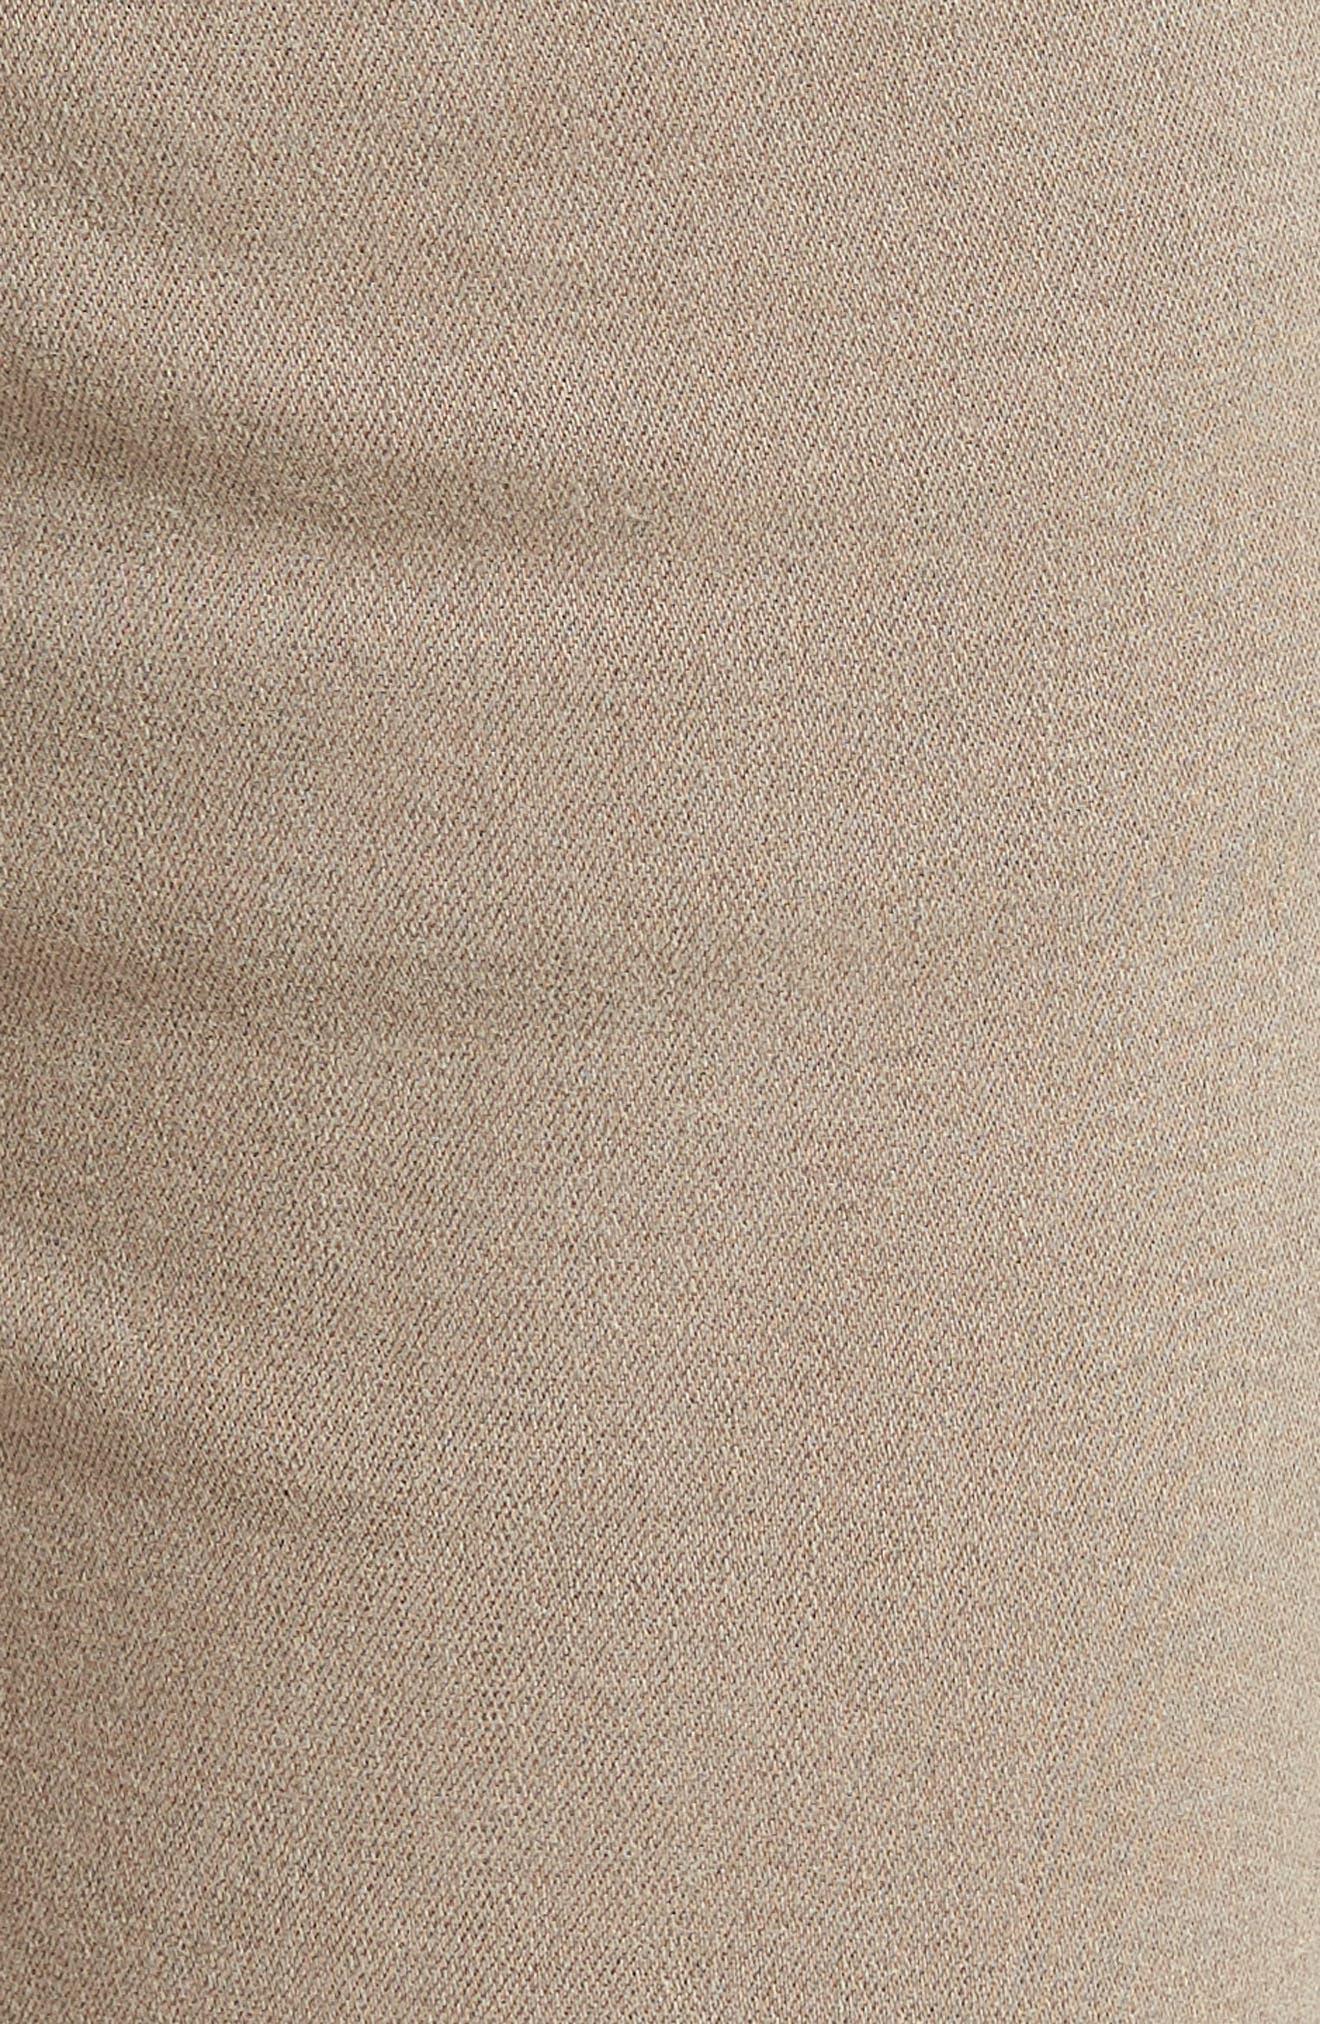 Federal Slim Straight Leg Jeans,                             Alternate thumbnail 5, color,                             VINTAGE MUSHROOM